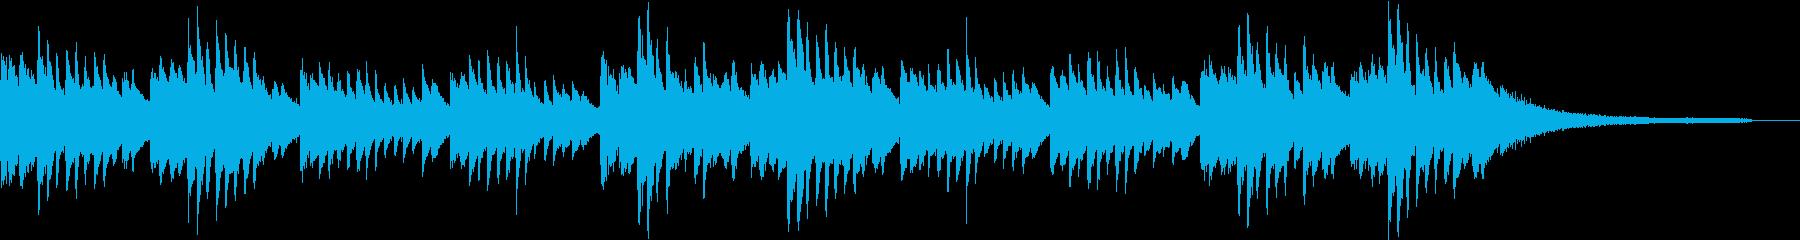 ミステリアスなピアノBGMの再生済みの波形